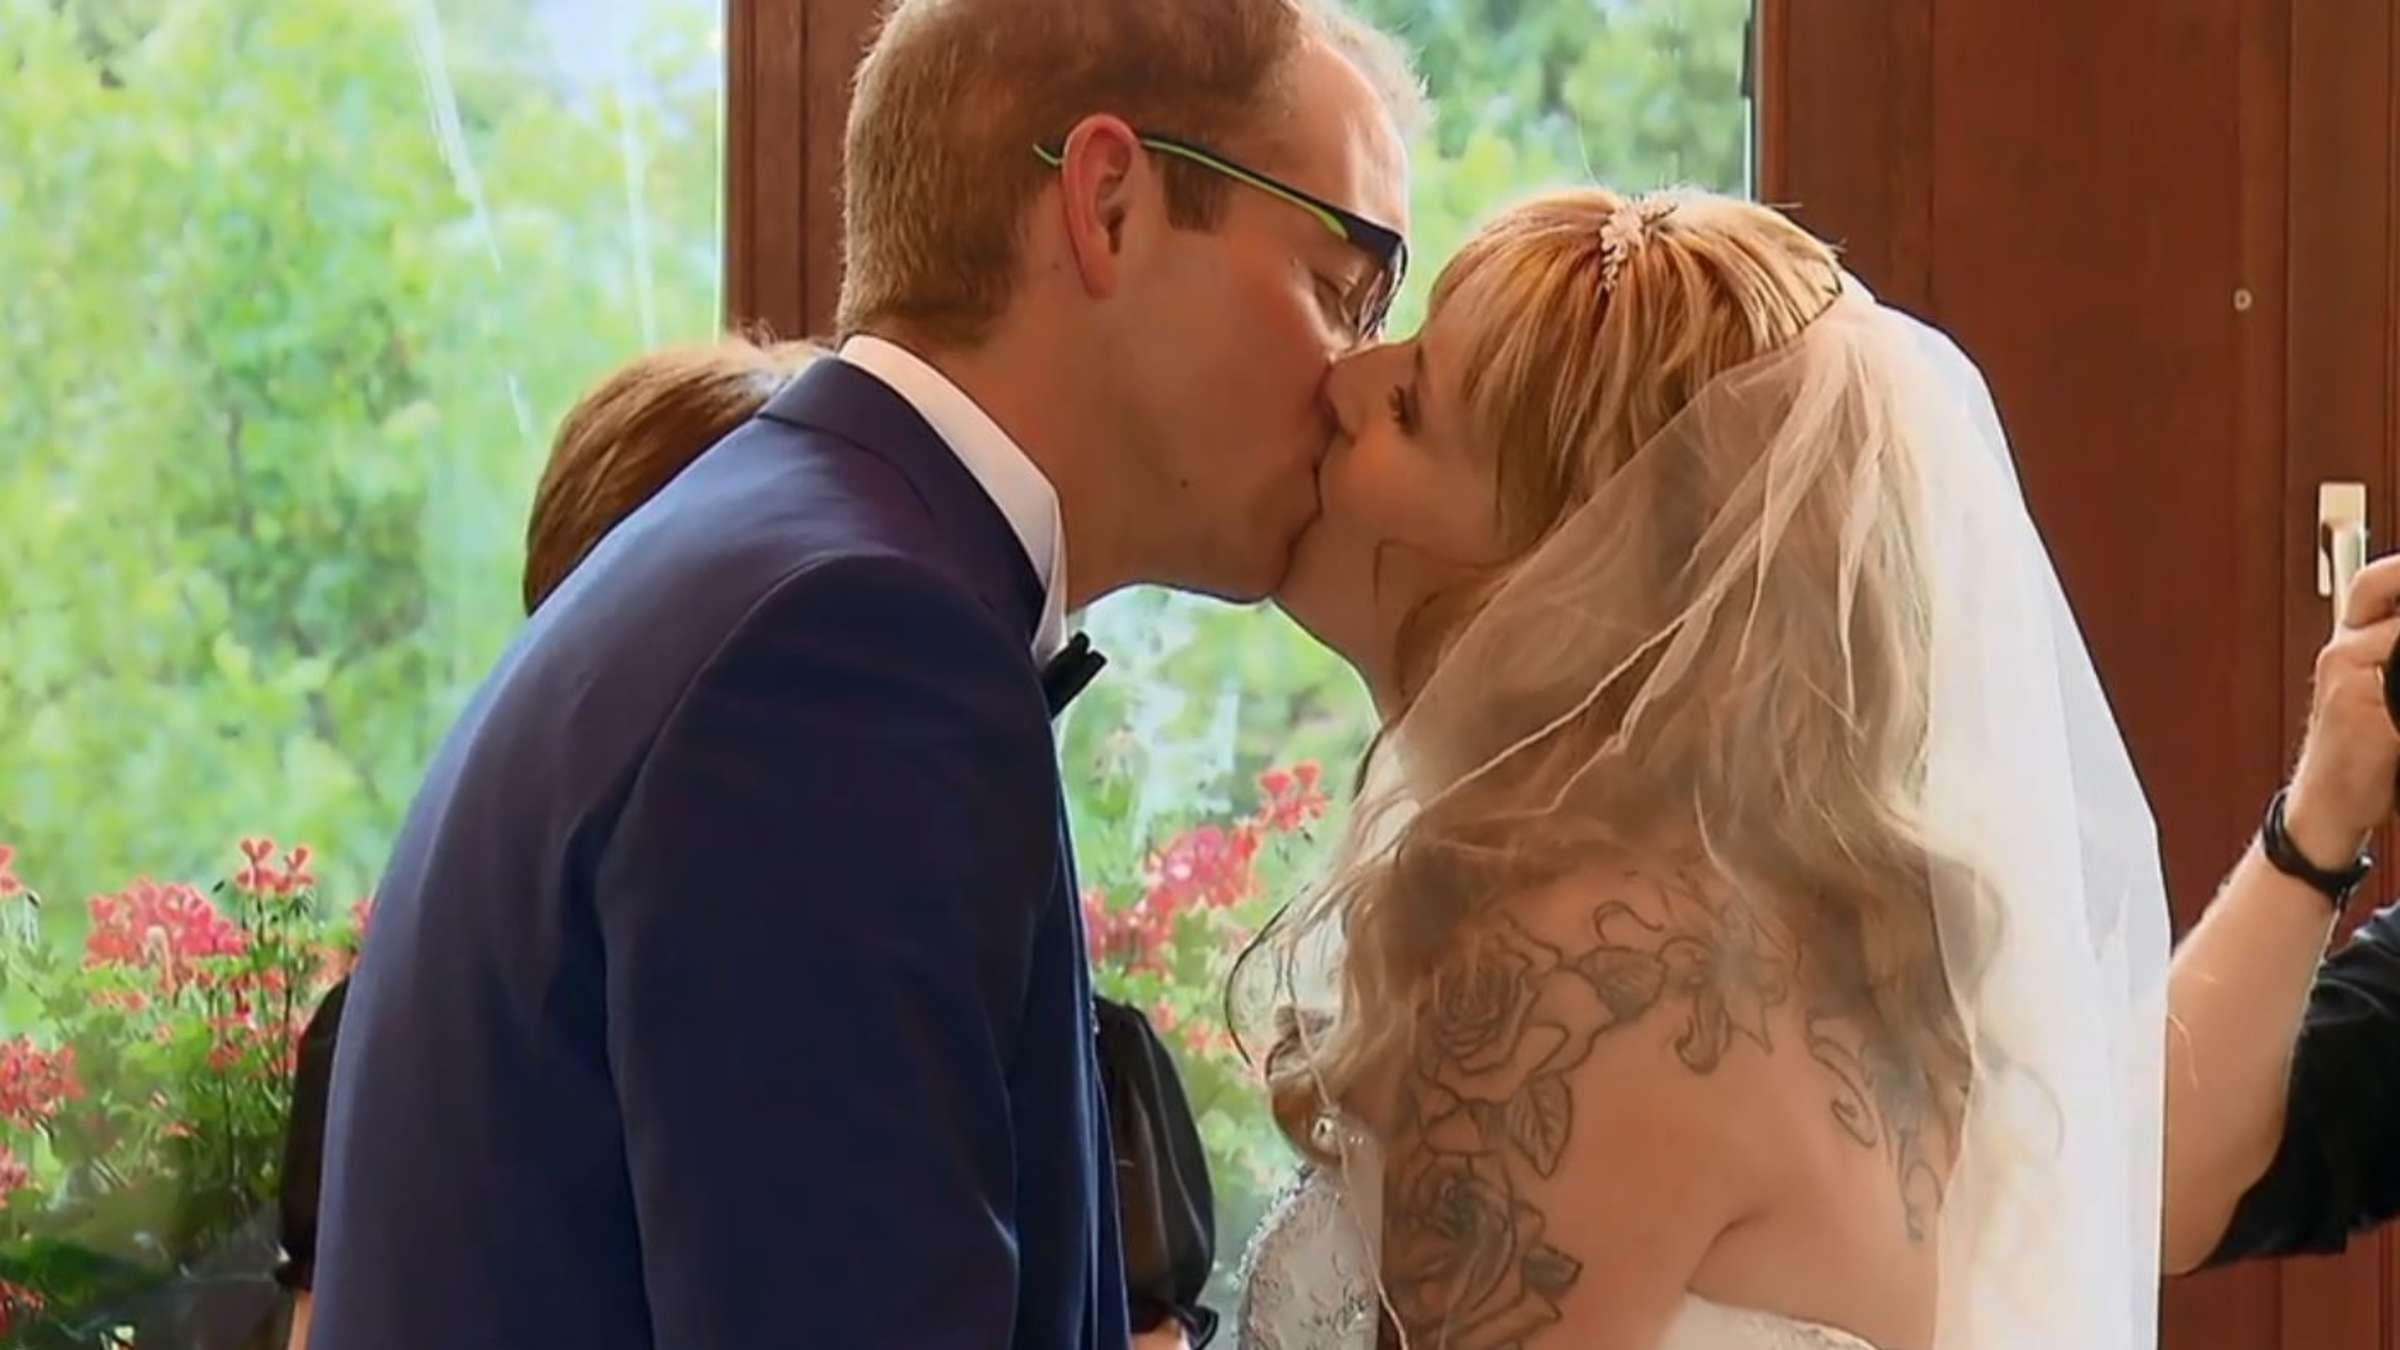 Hochzeit auf den ersten blick 2019 sendetermine